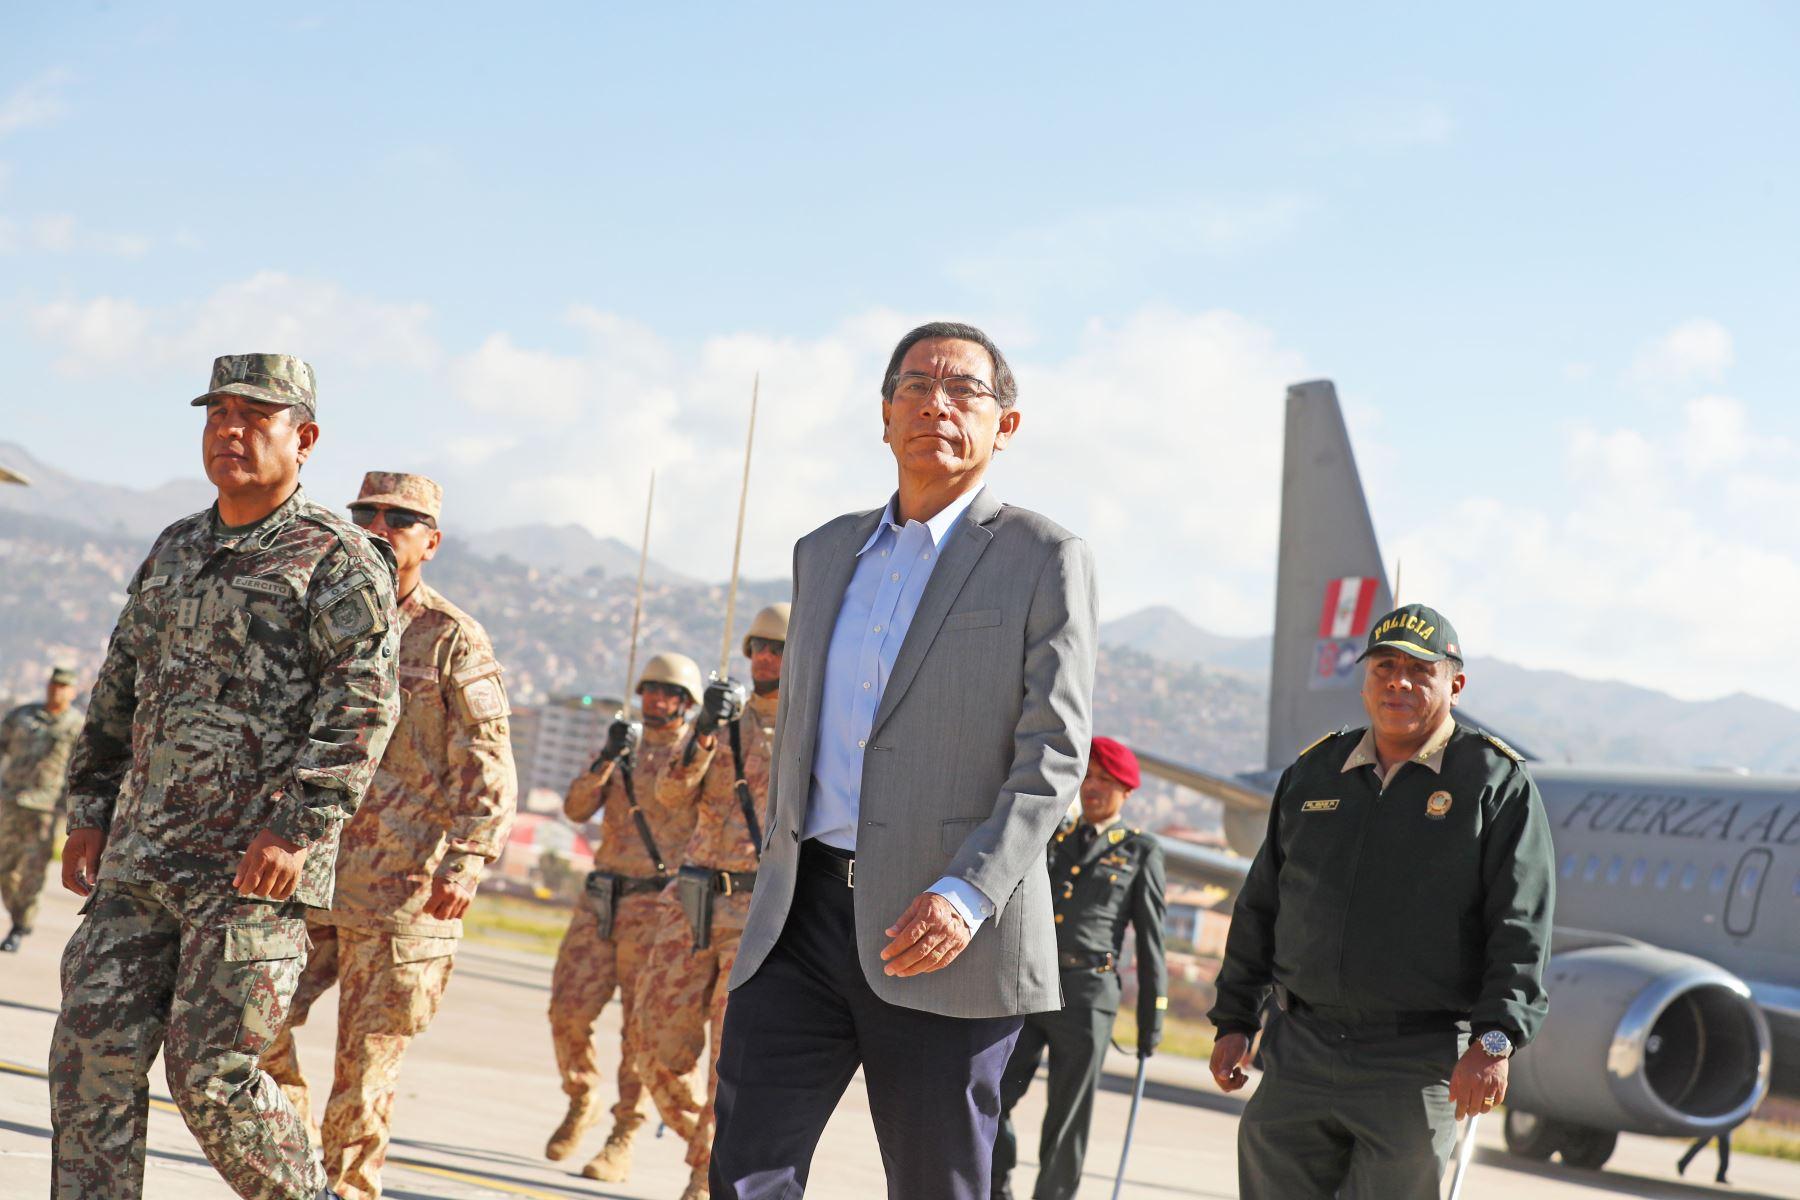 El presidente de la República, Martín Vizcarra, garantizó que el futuro aeropuerto de Chinchero, en el Cusco, será un proyecto de gran nivel internacional y de última tecnología.Foto: ANDINA/Prensa Presidencia